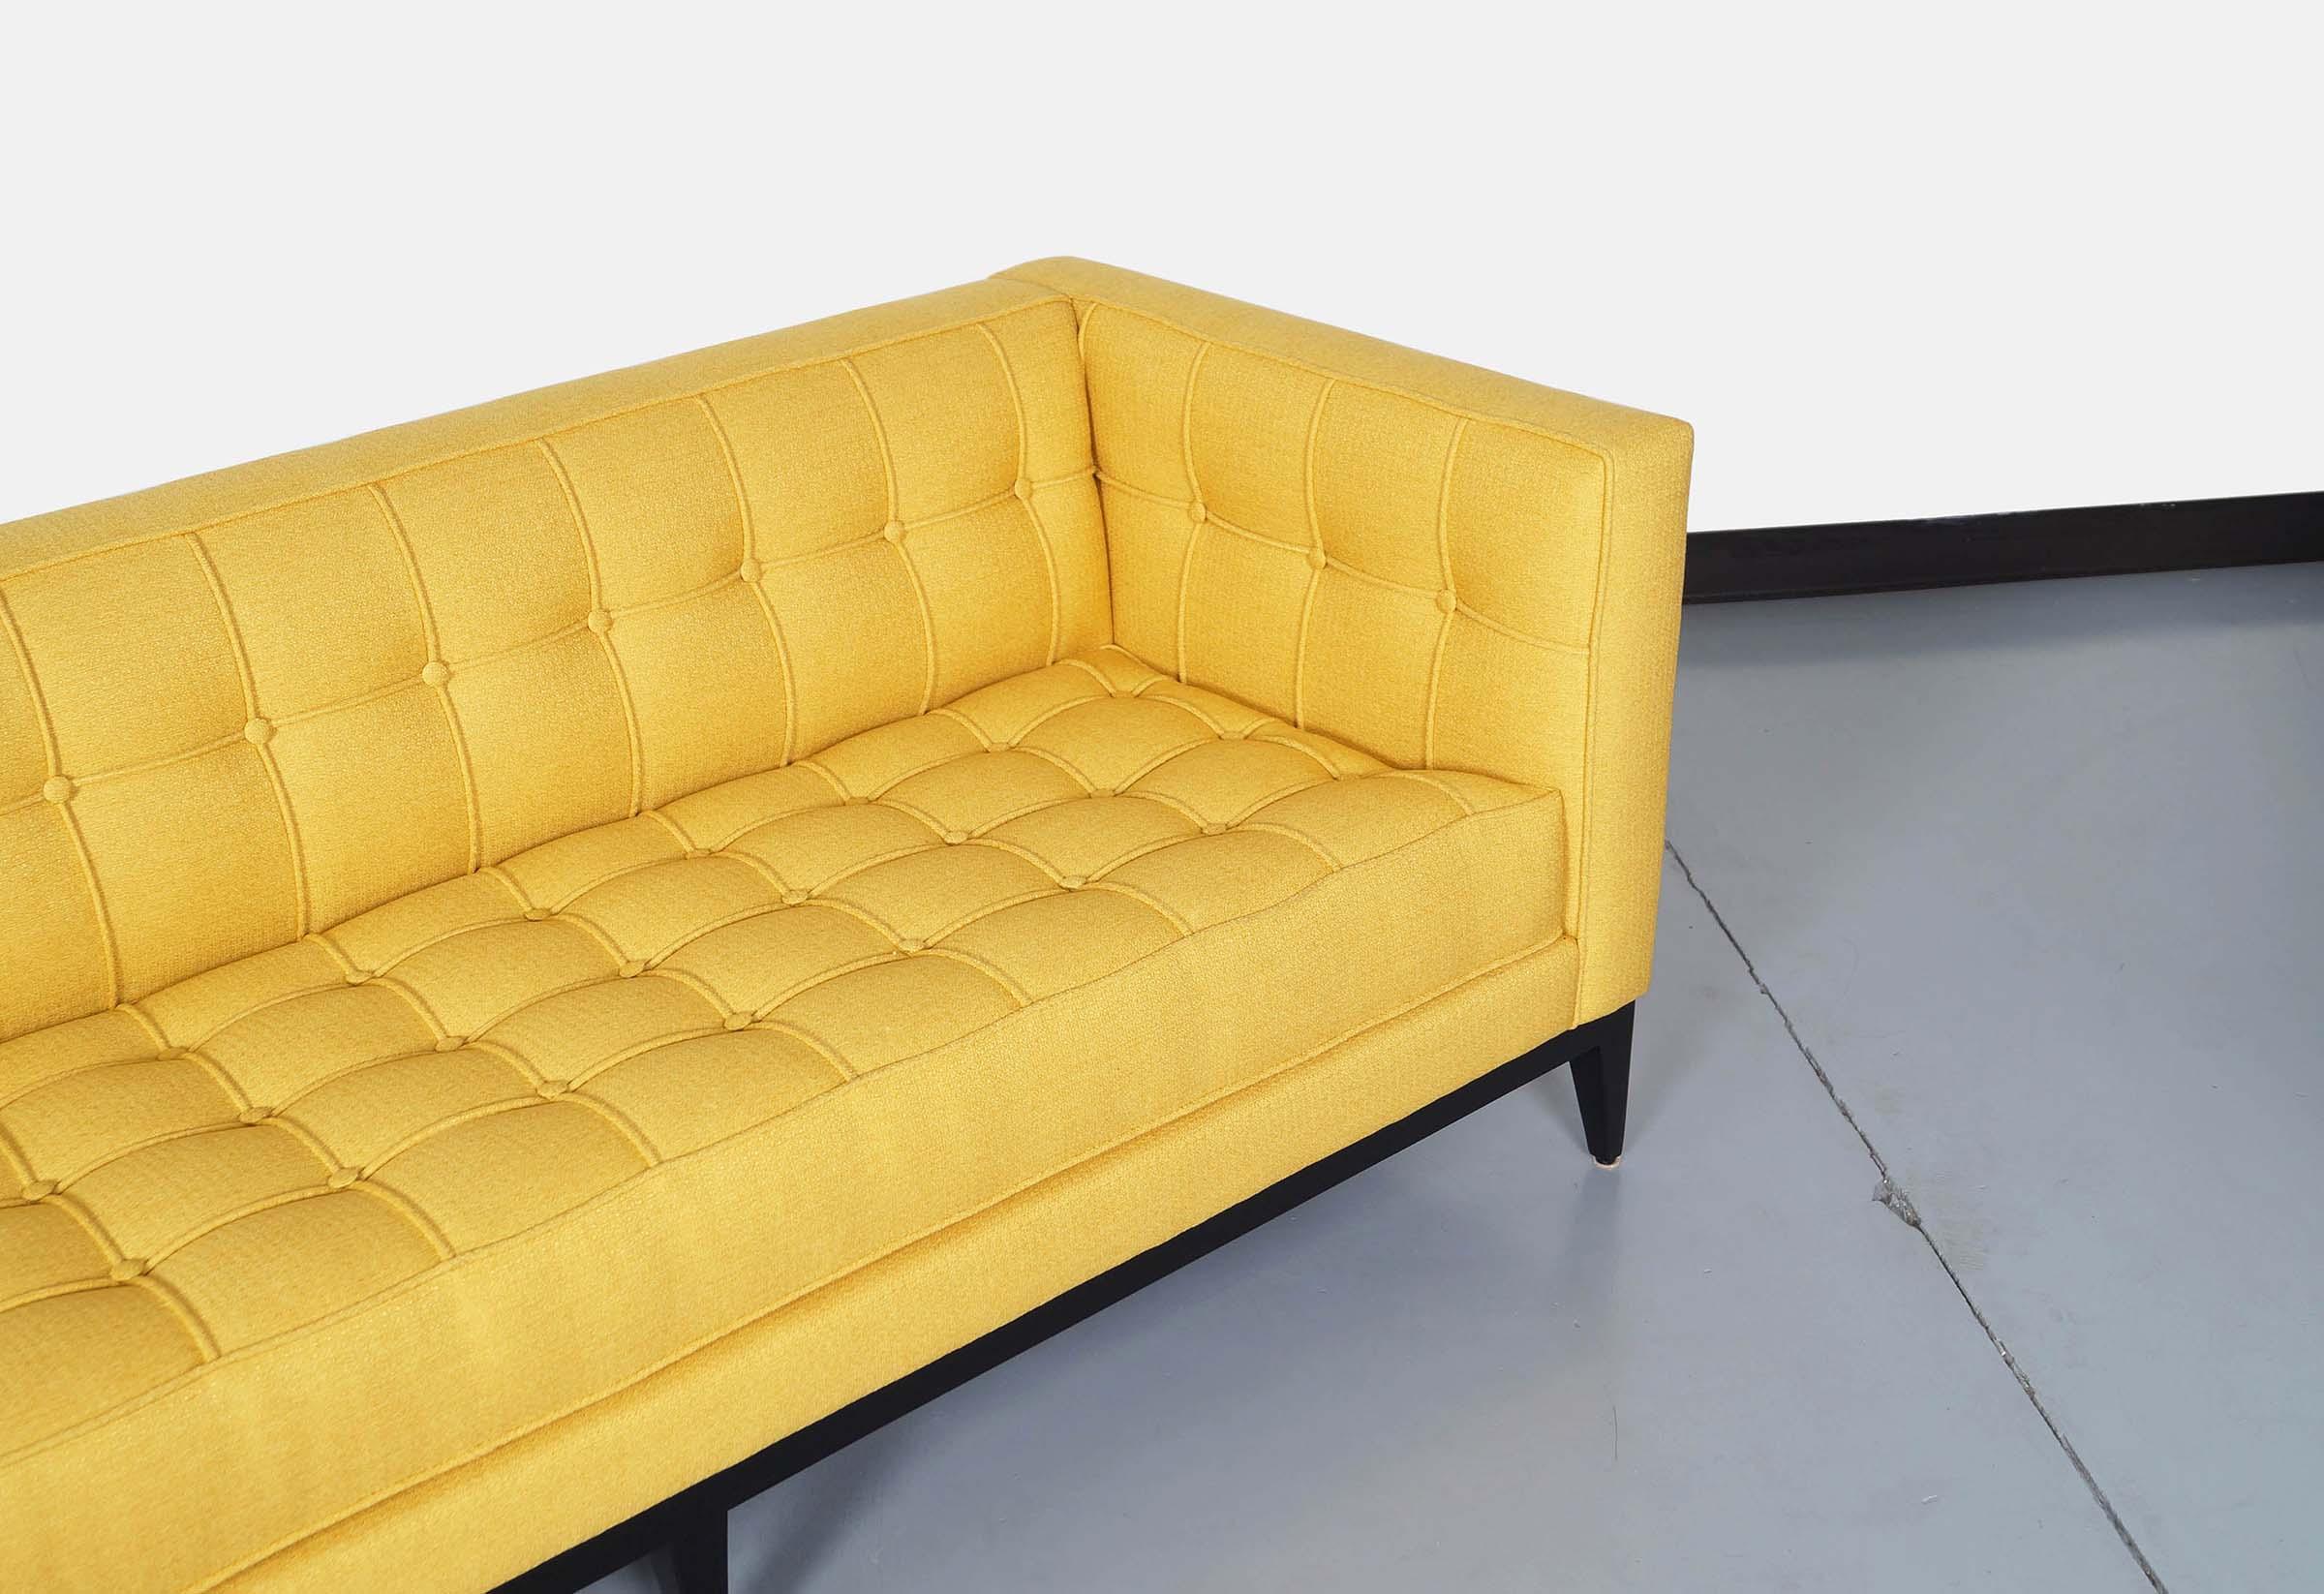 Elegant Tufted Vista Sofa by Cruz Design Studio